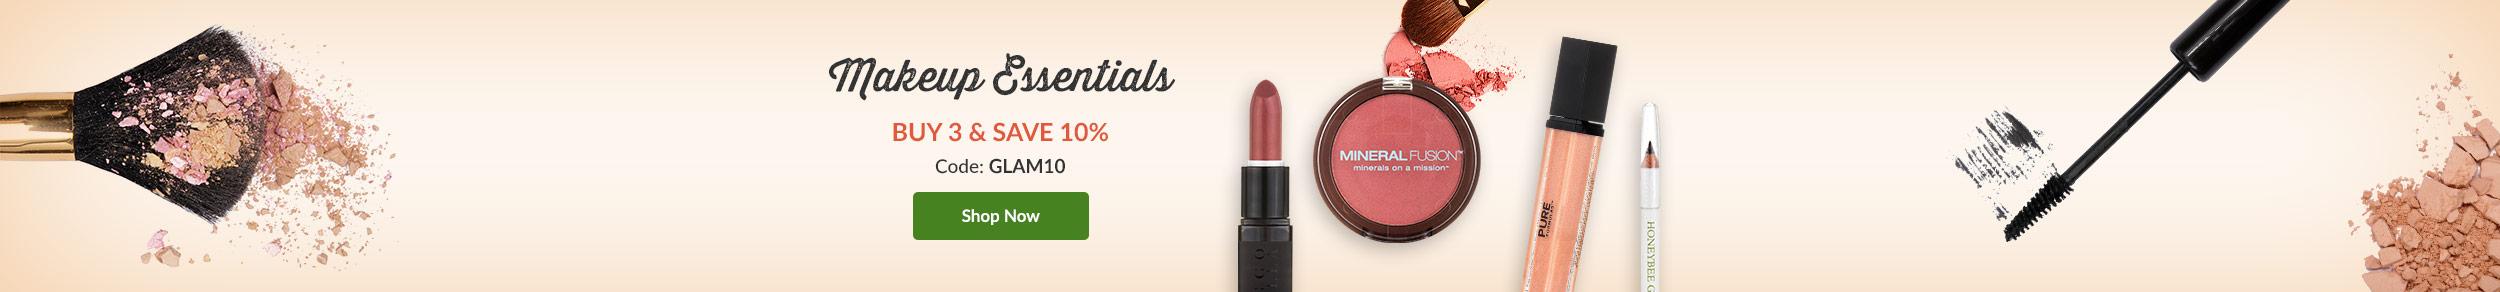 https://i3.pureformulas.net/images/static/Makeup-Essentials_slide3_061918.jpg